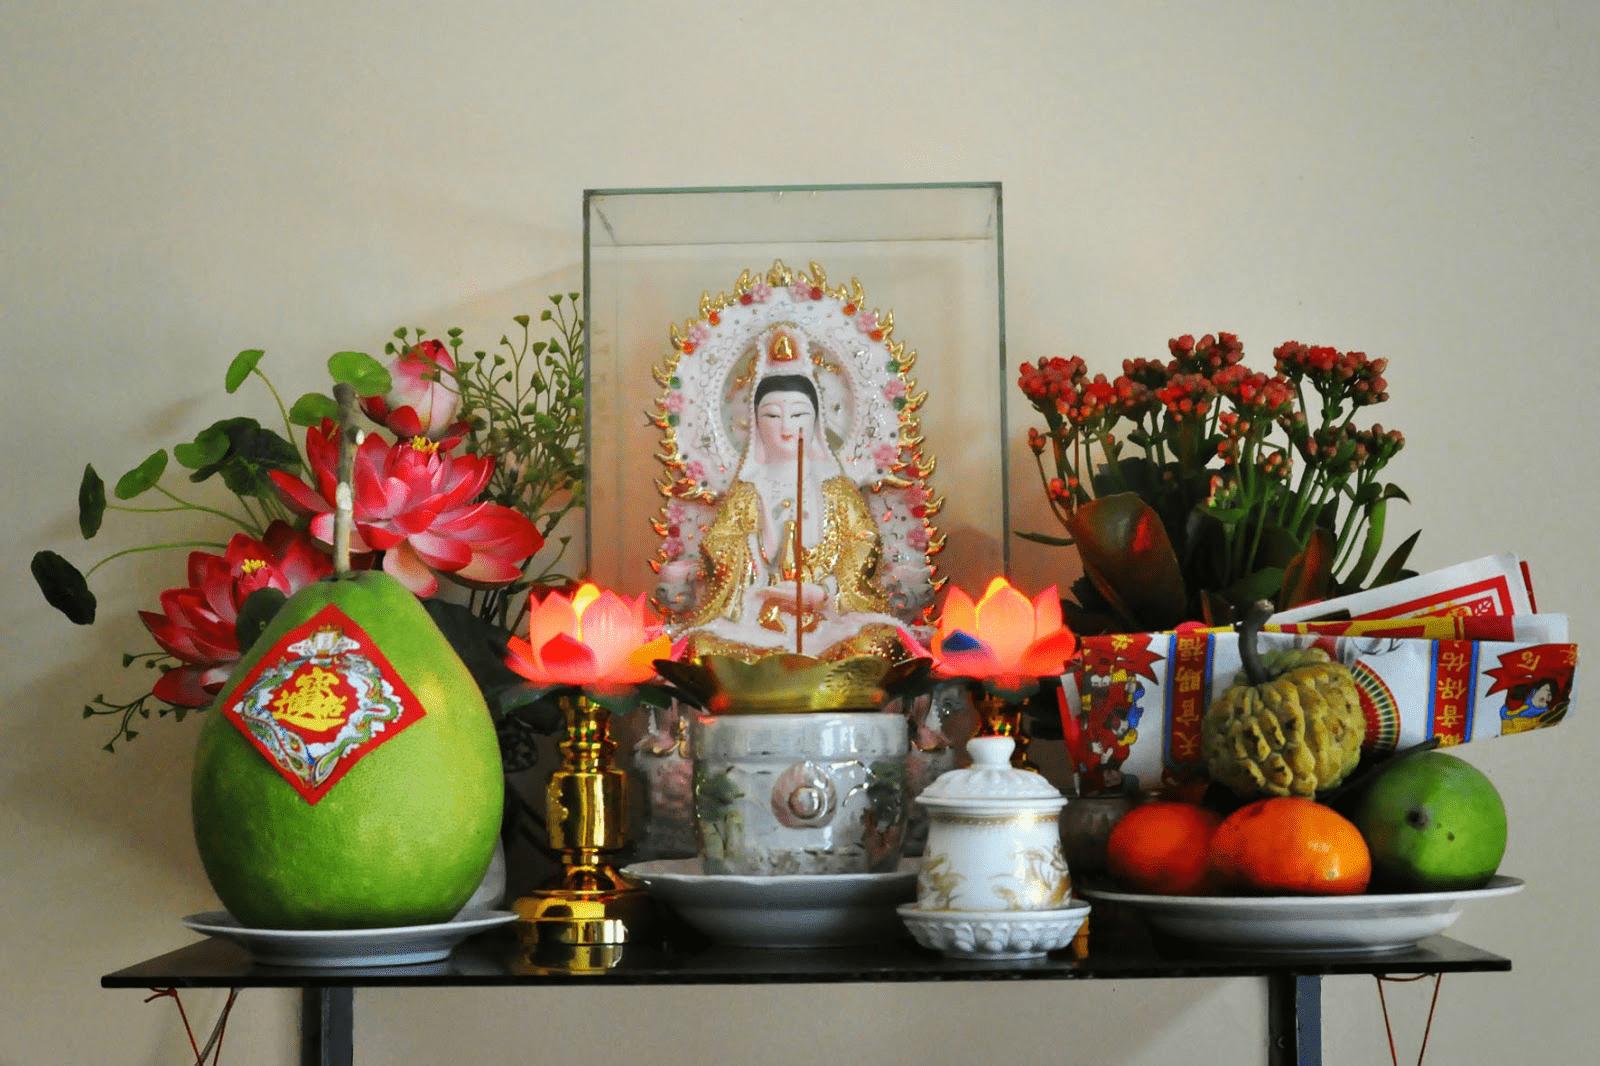 Bàn thờ Phật Bà Quan Âm treo tường giúp tiết kiệm diện tích